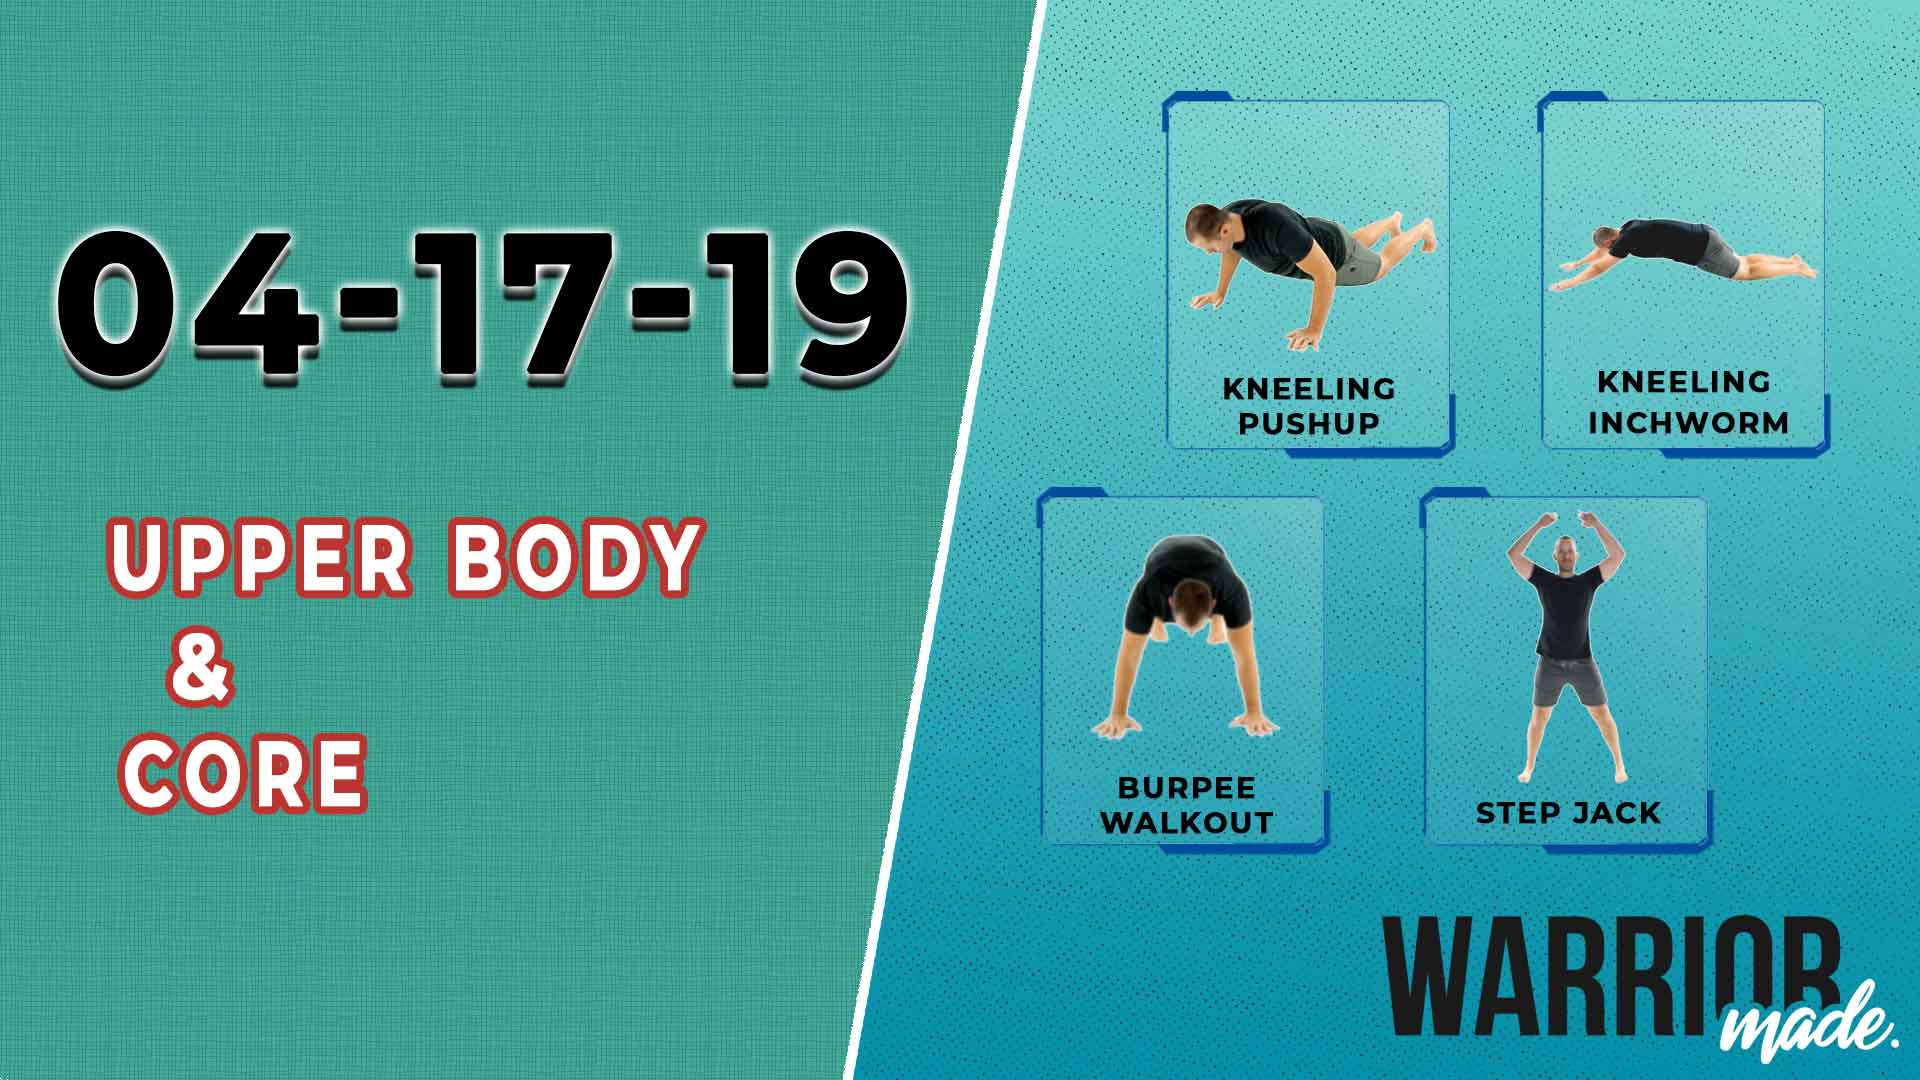 workouts-04-17-19